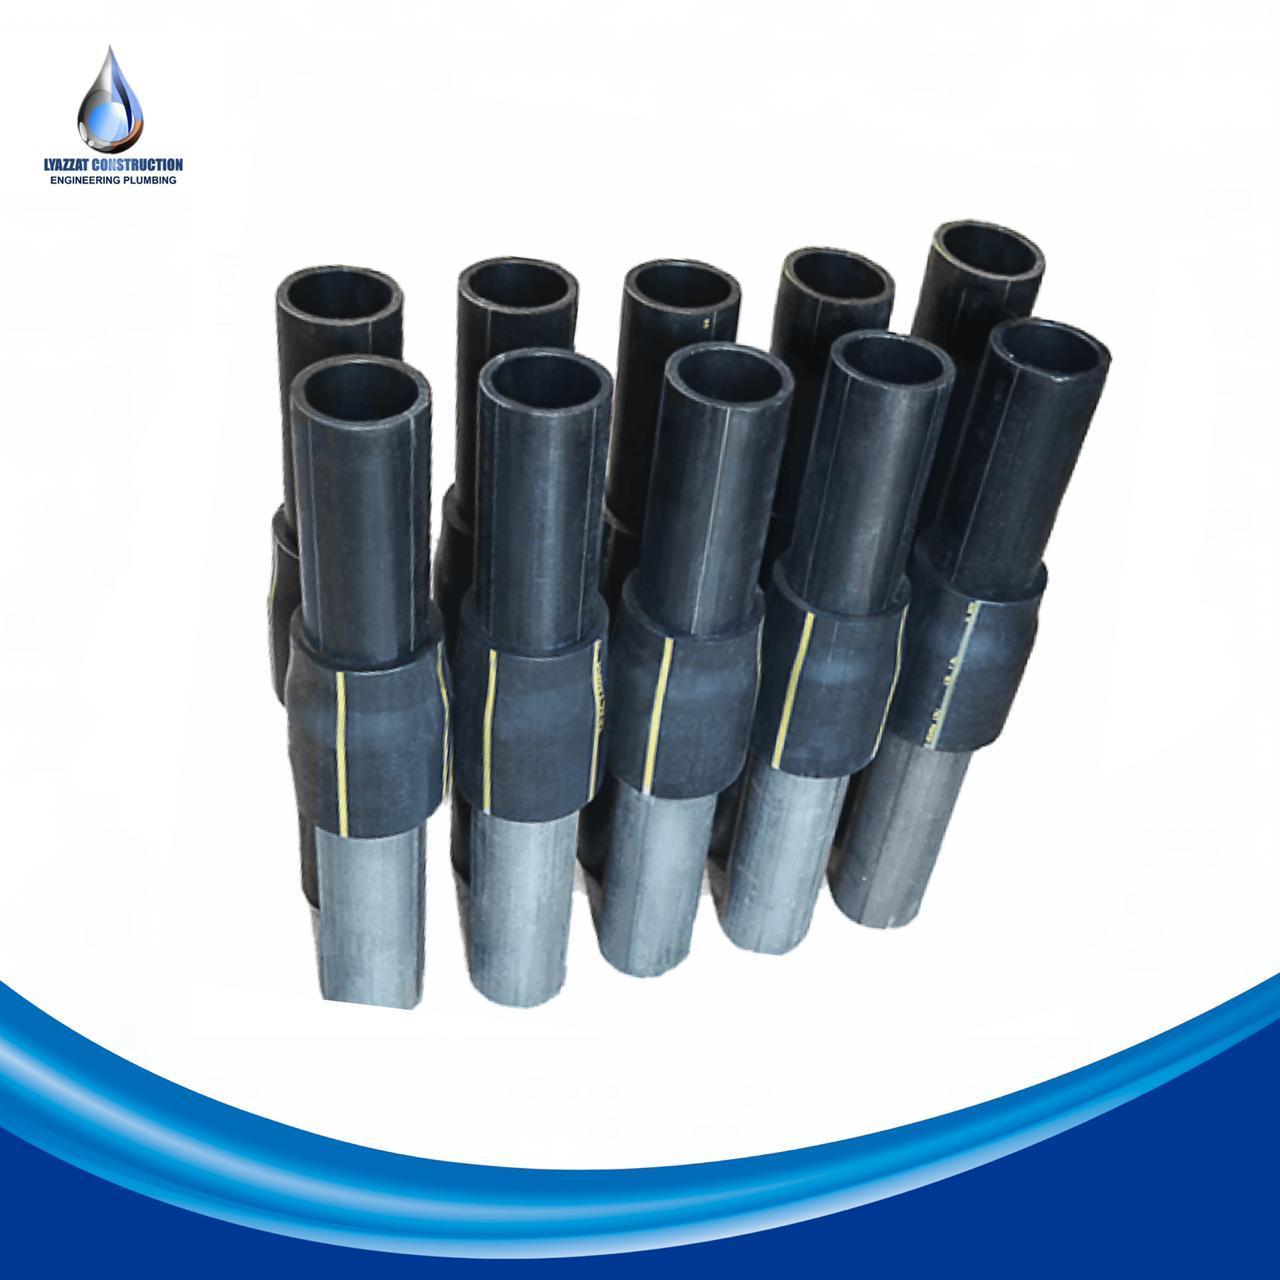 Соединение ПЭ-сталь 250/219 ПЭ100 SDR11